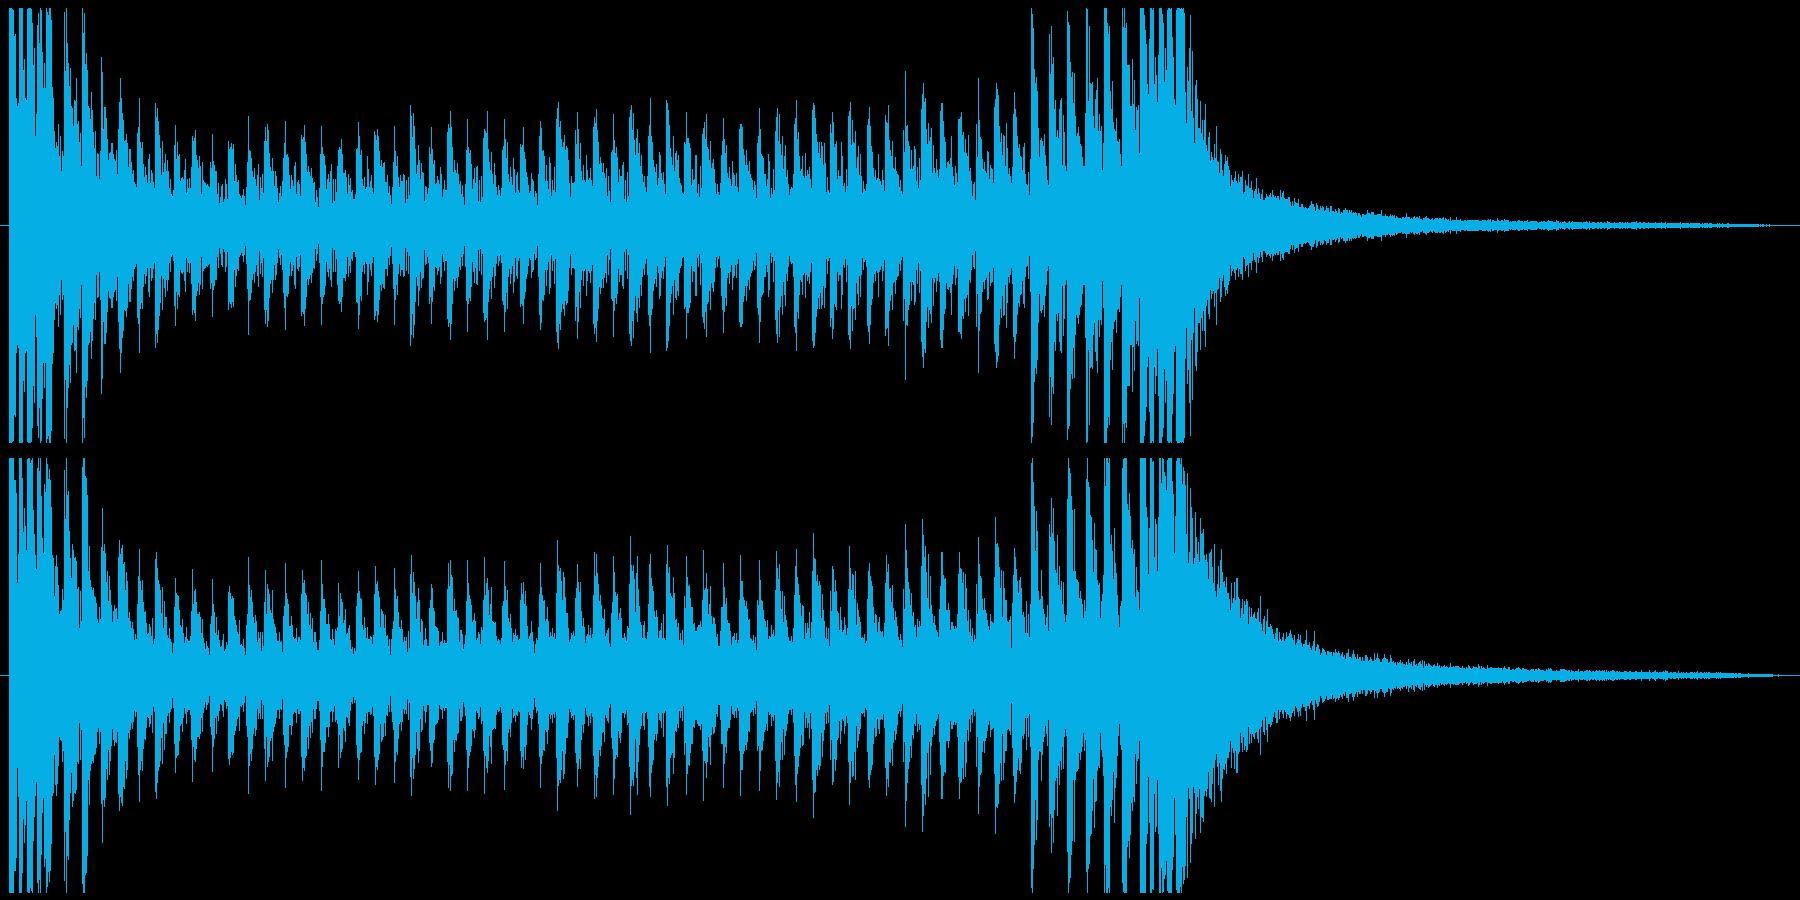 ドラムロール スネア 抽選 結果発表の再生済みの波形